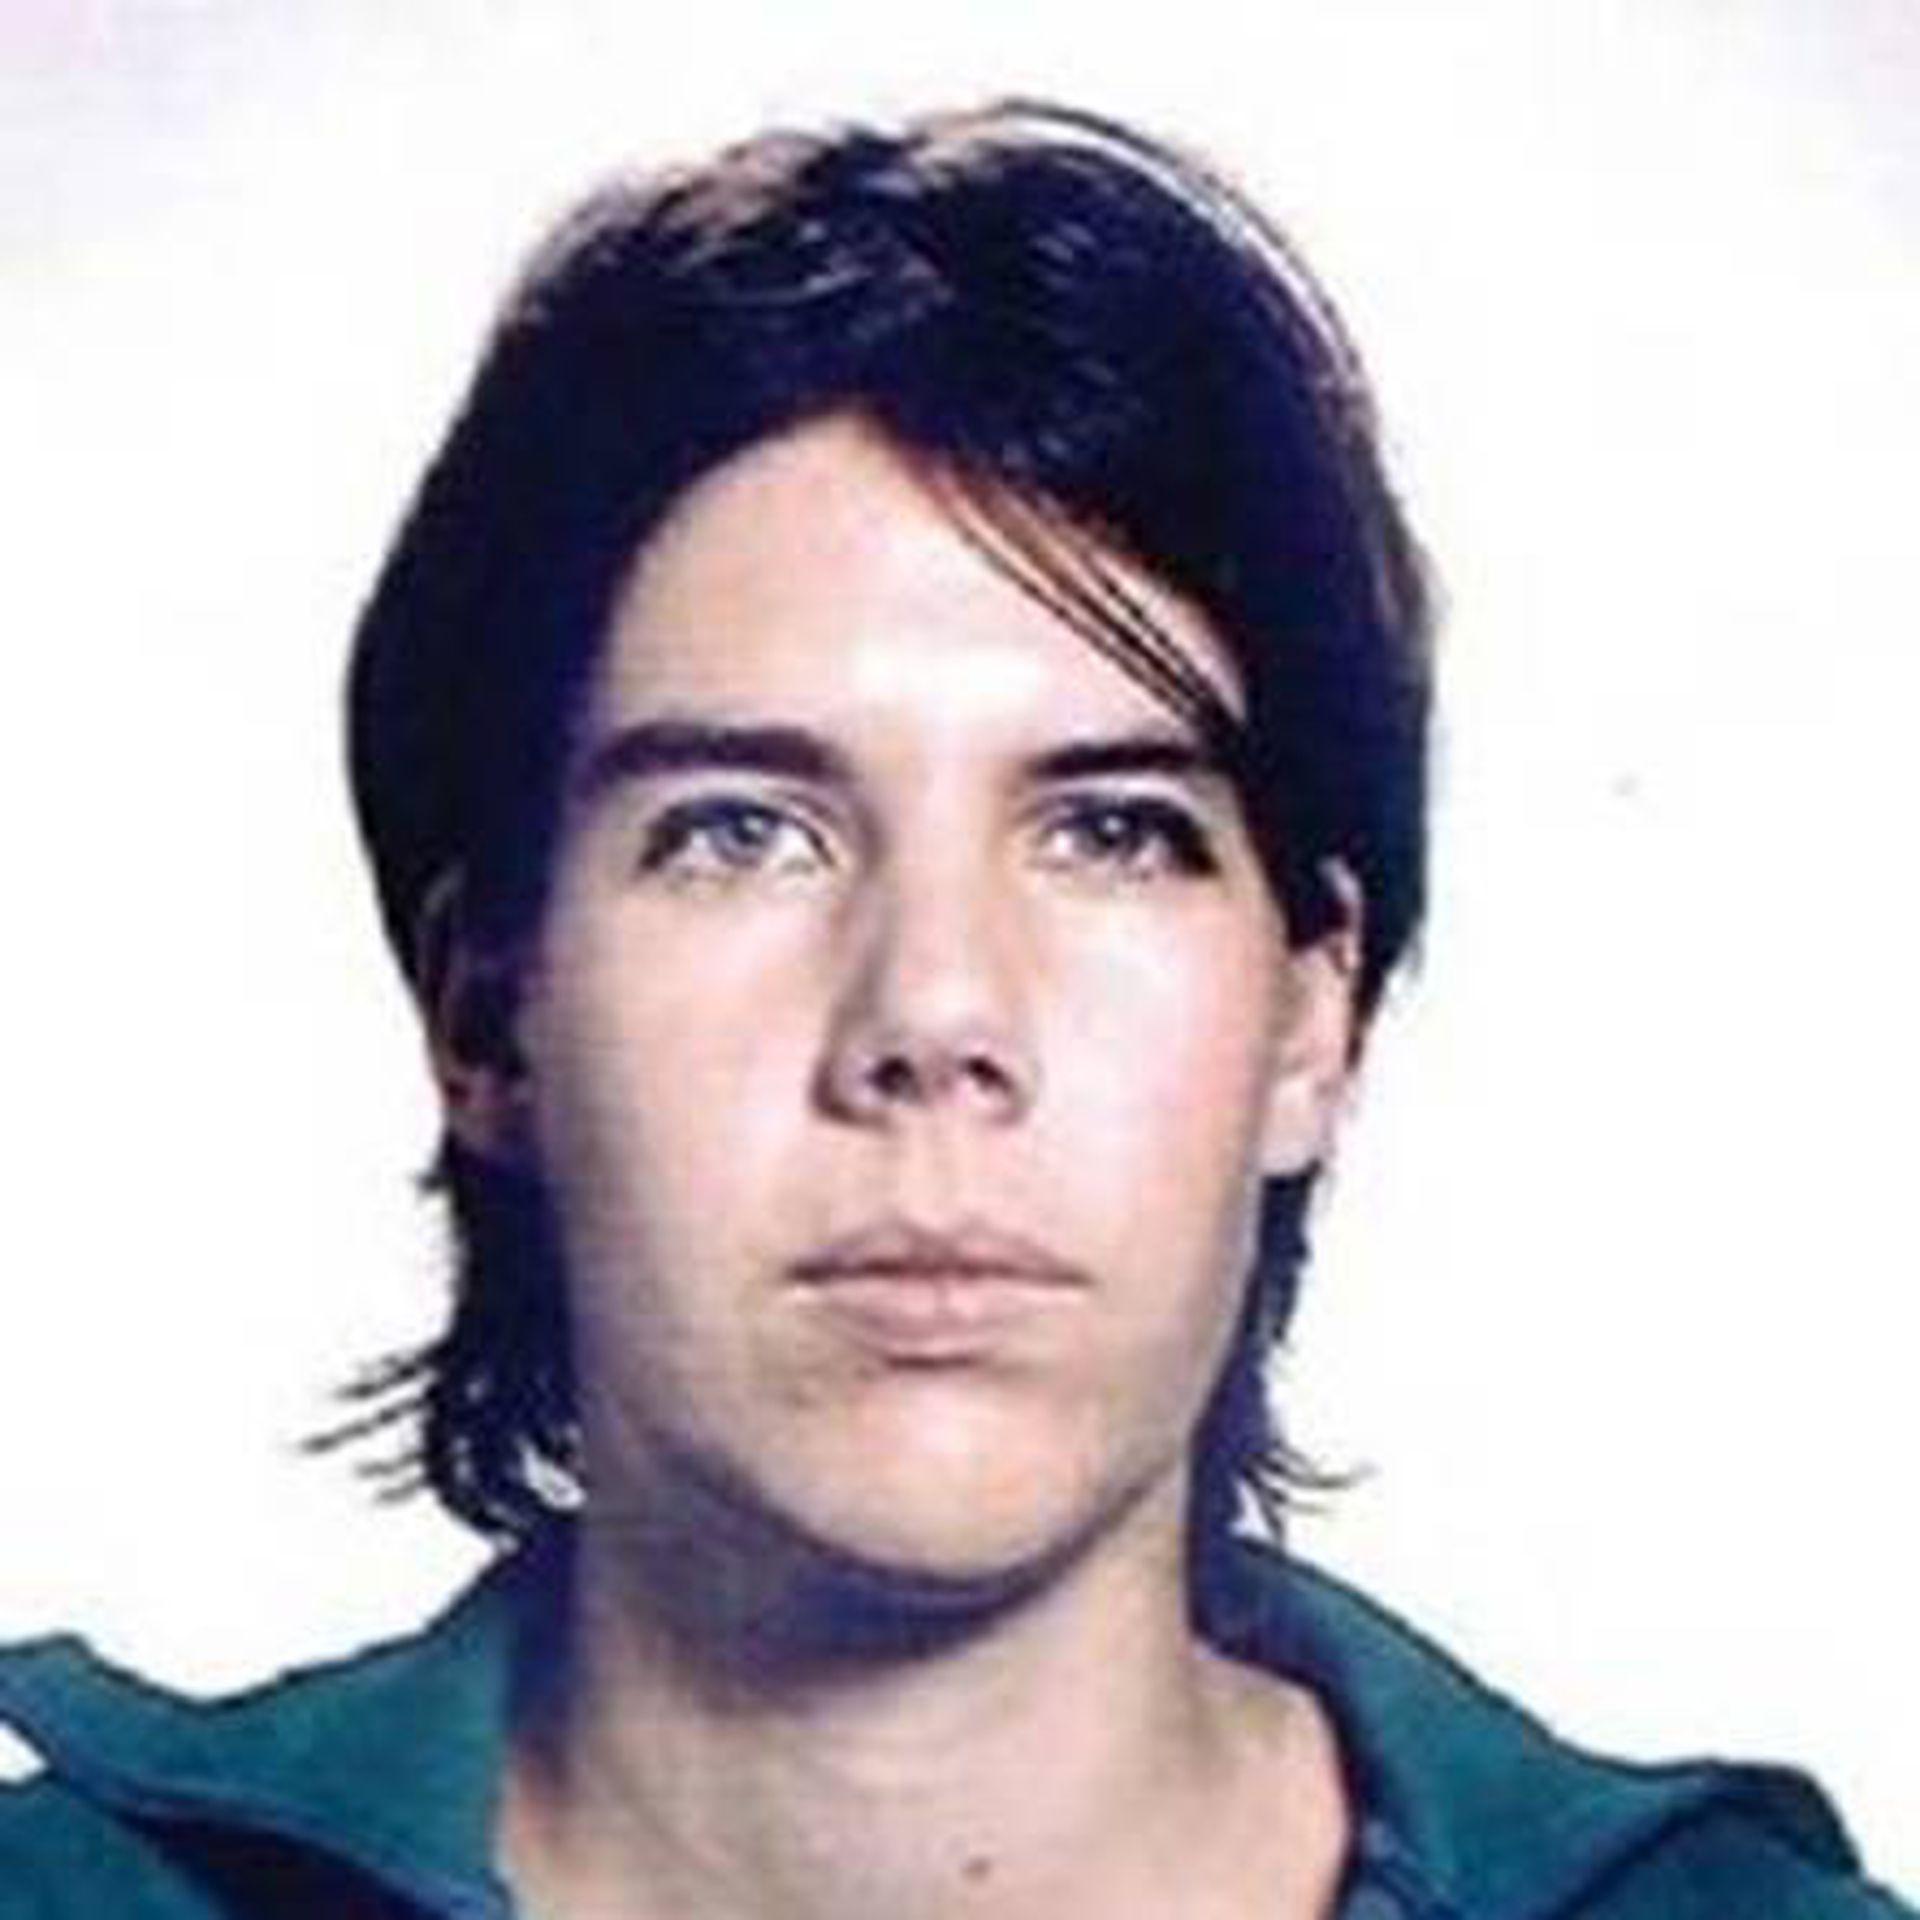 El caso de la turista suiza Annagreth Würgler, desaparecida cuando recorría en bicicleta el noroeste argentino. La última vez que se la vio con vida fue el 29 de agosto de 2004 en Pagancillo, La Rioja